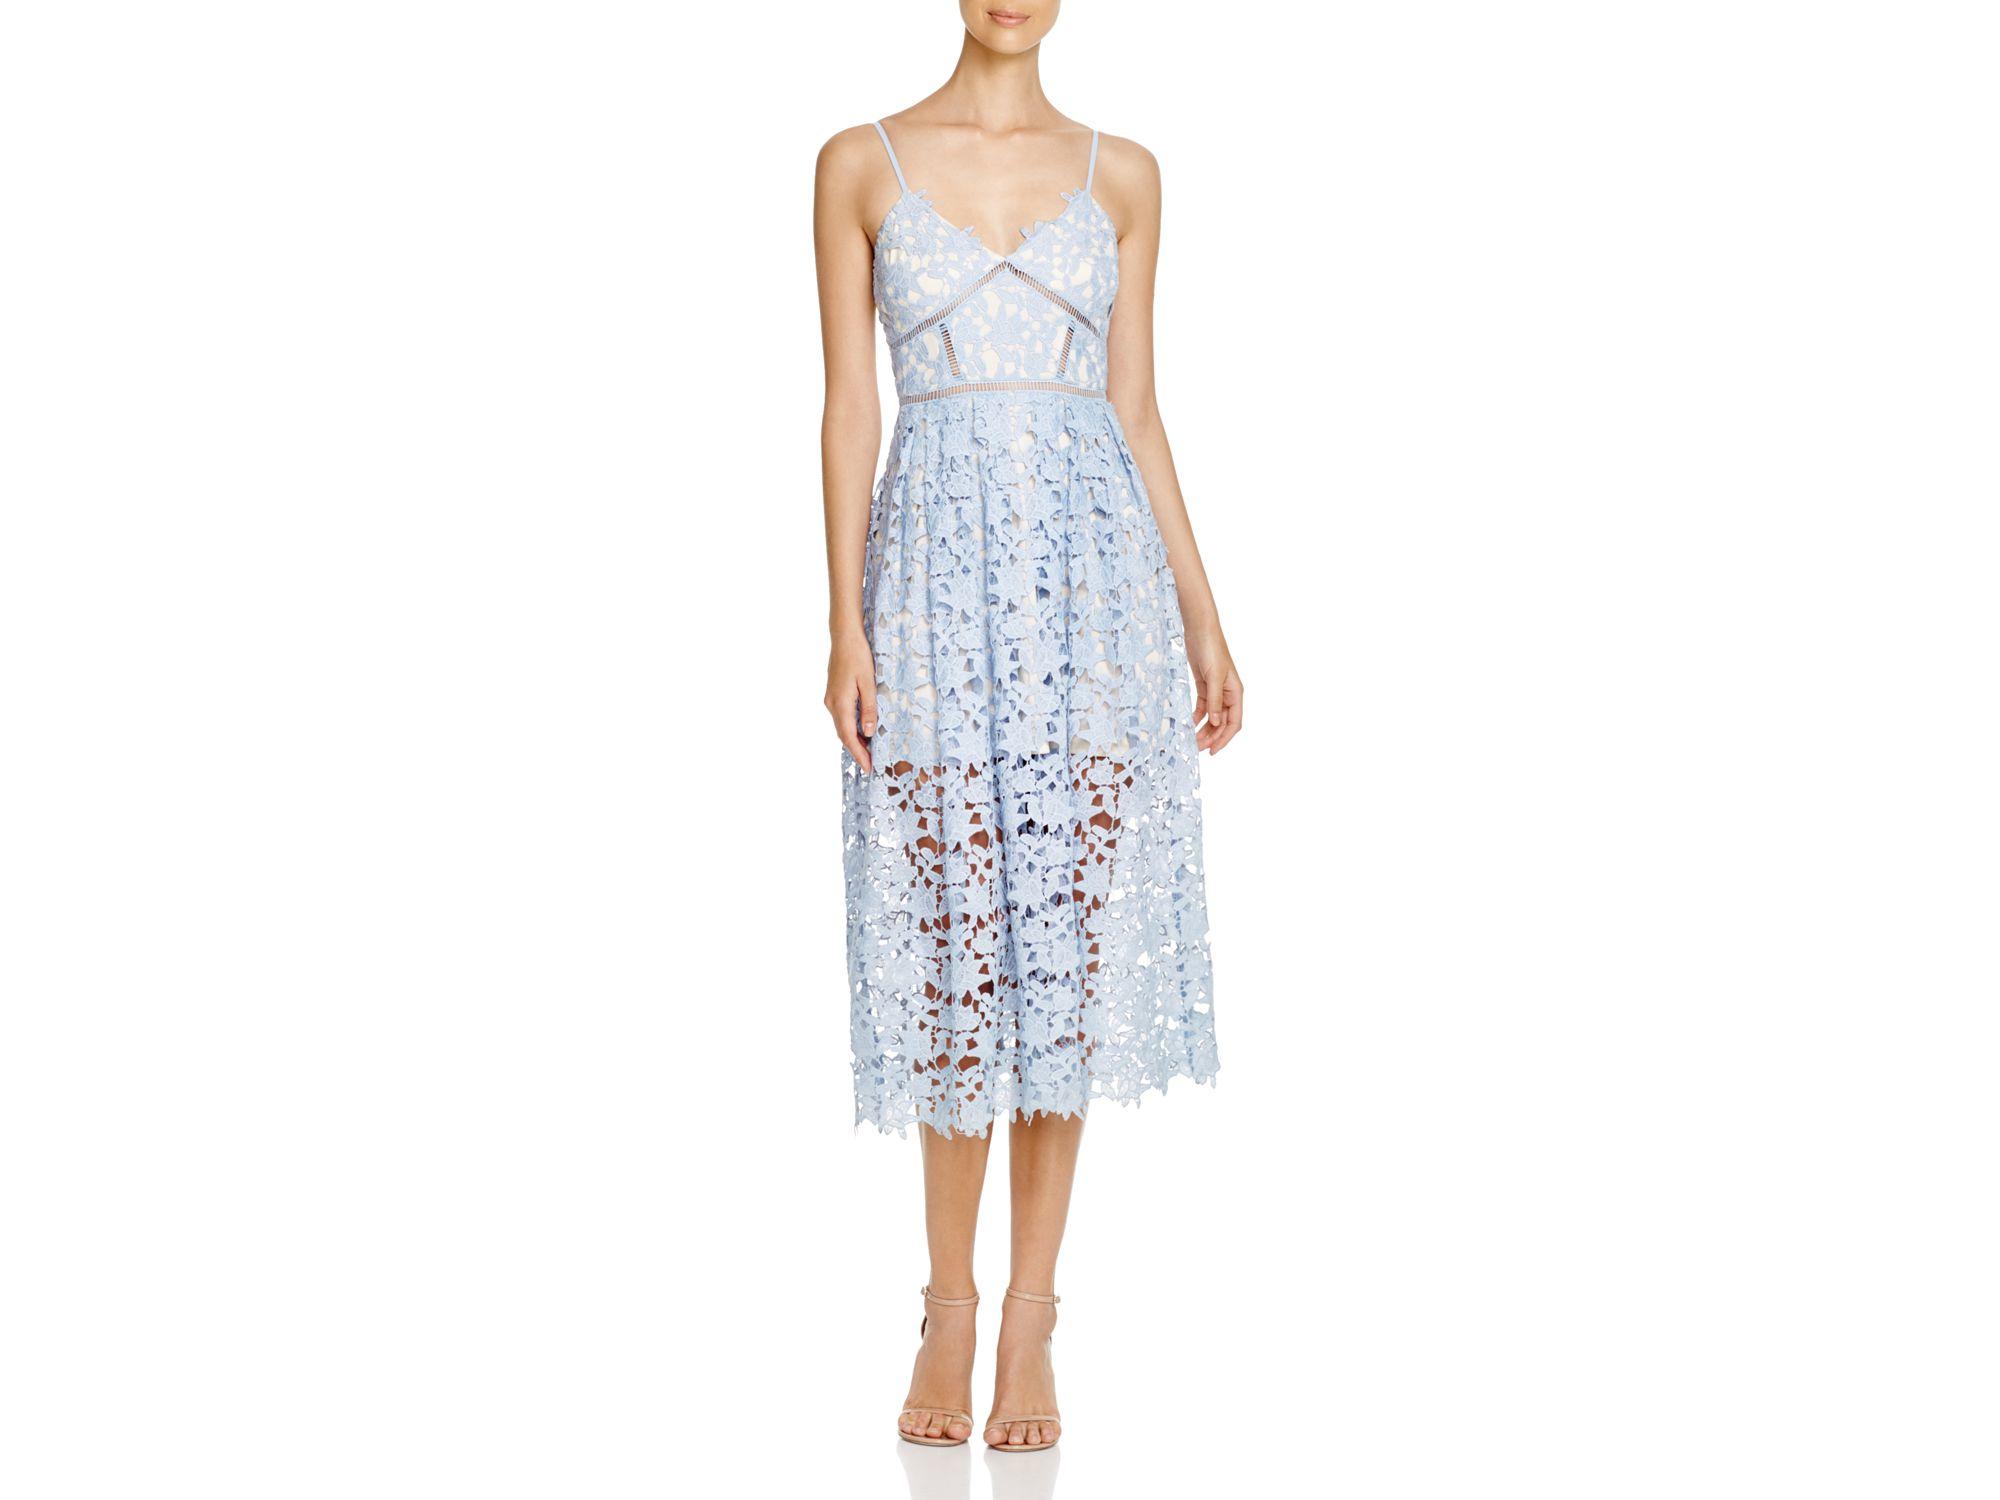 7e1b732d9d9 Aqua Lace Camisole Midi Dress in Blue - Lyst